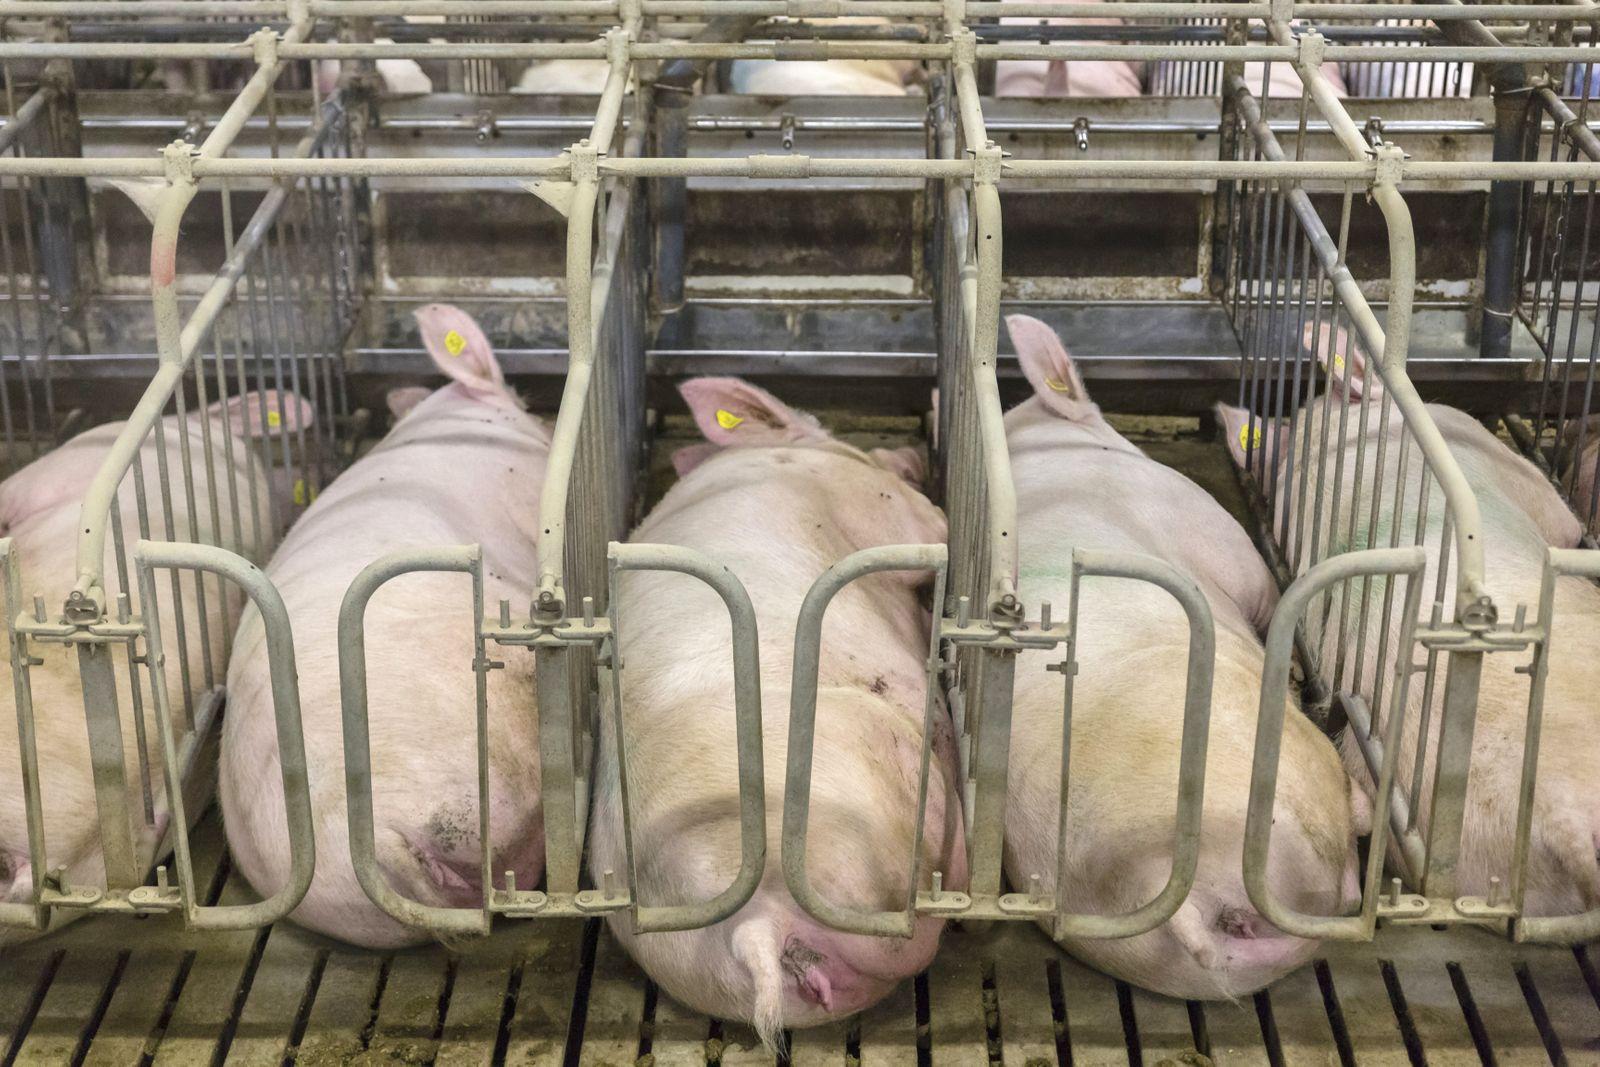 Tierschützer wollen größere Käfige einklagen